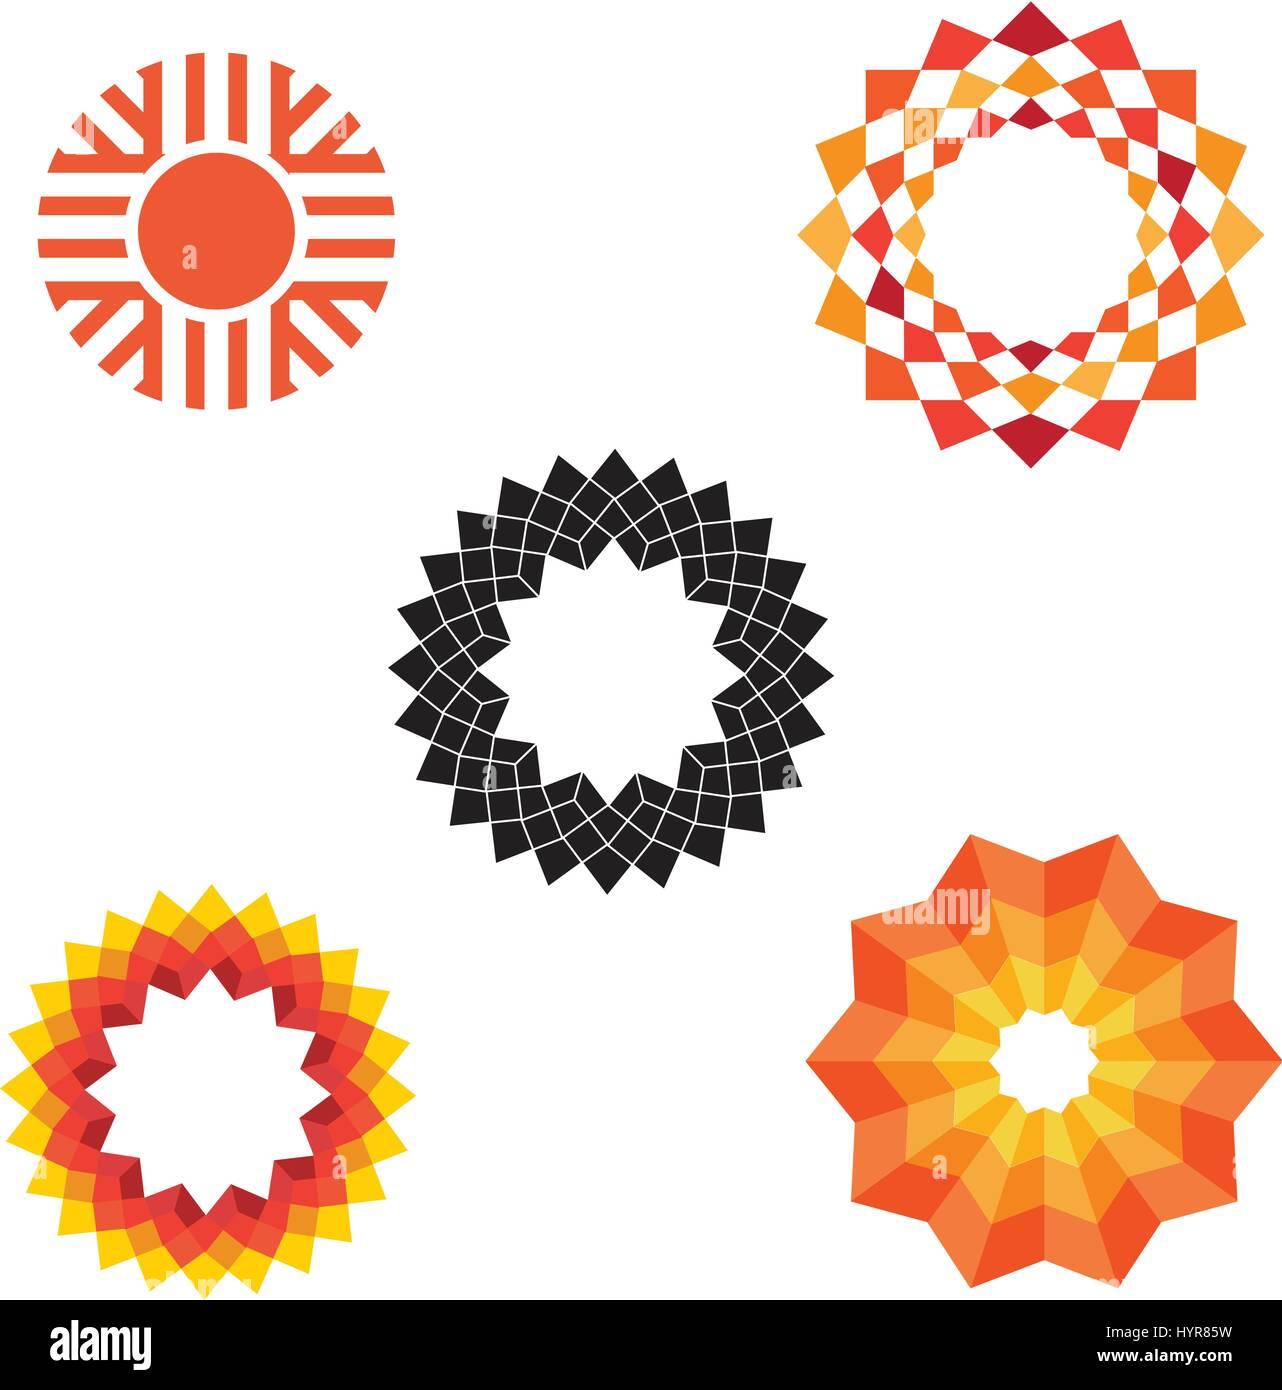 Résumé vecteur géométrique moderne divers icônes sun Illustration de Vecteur